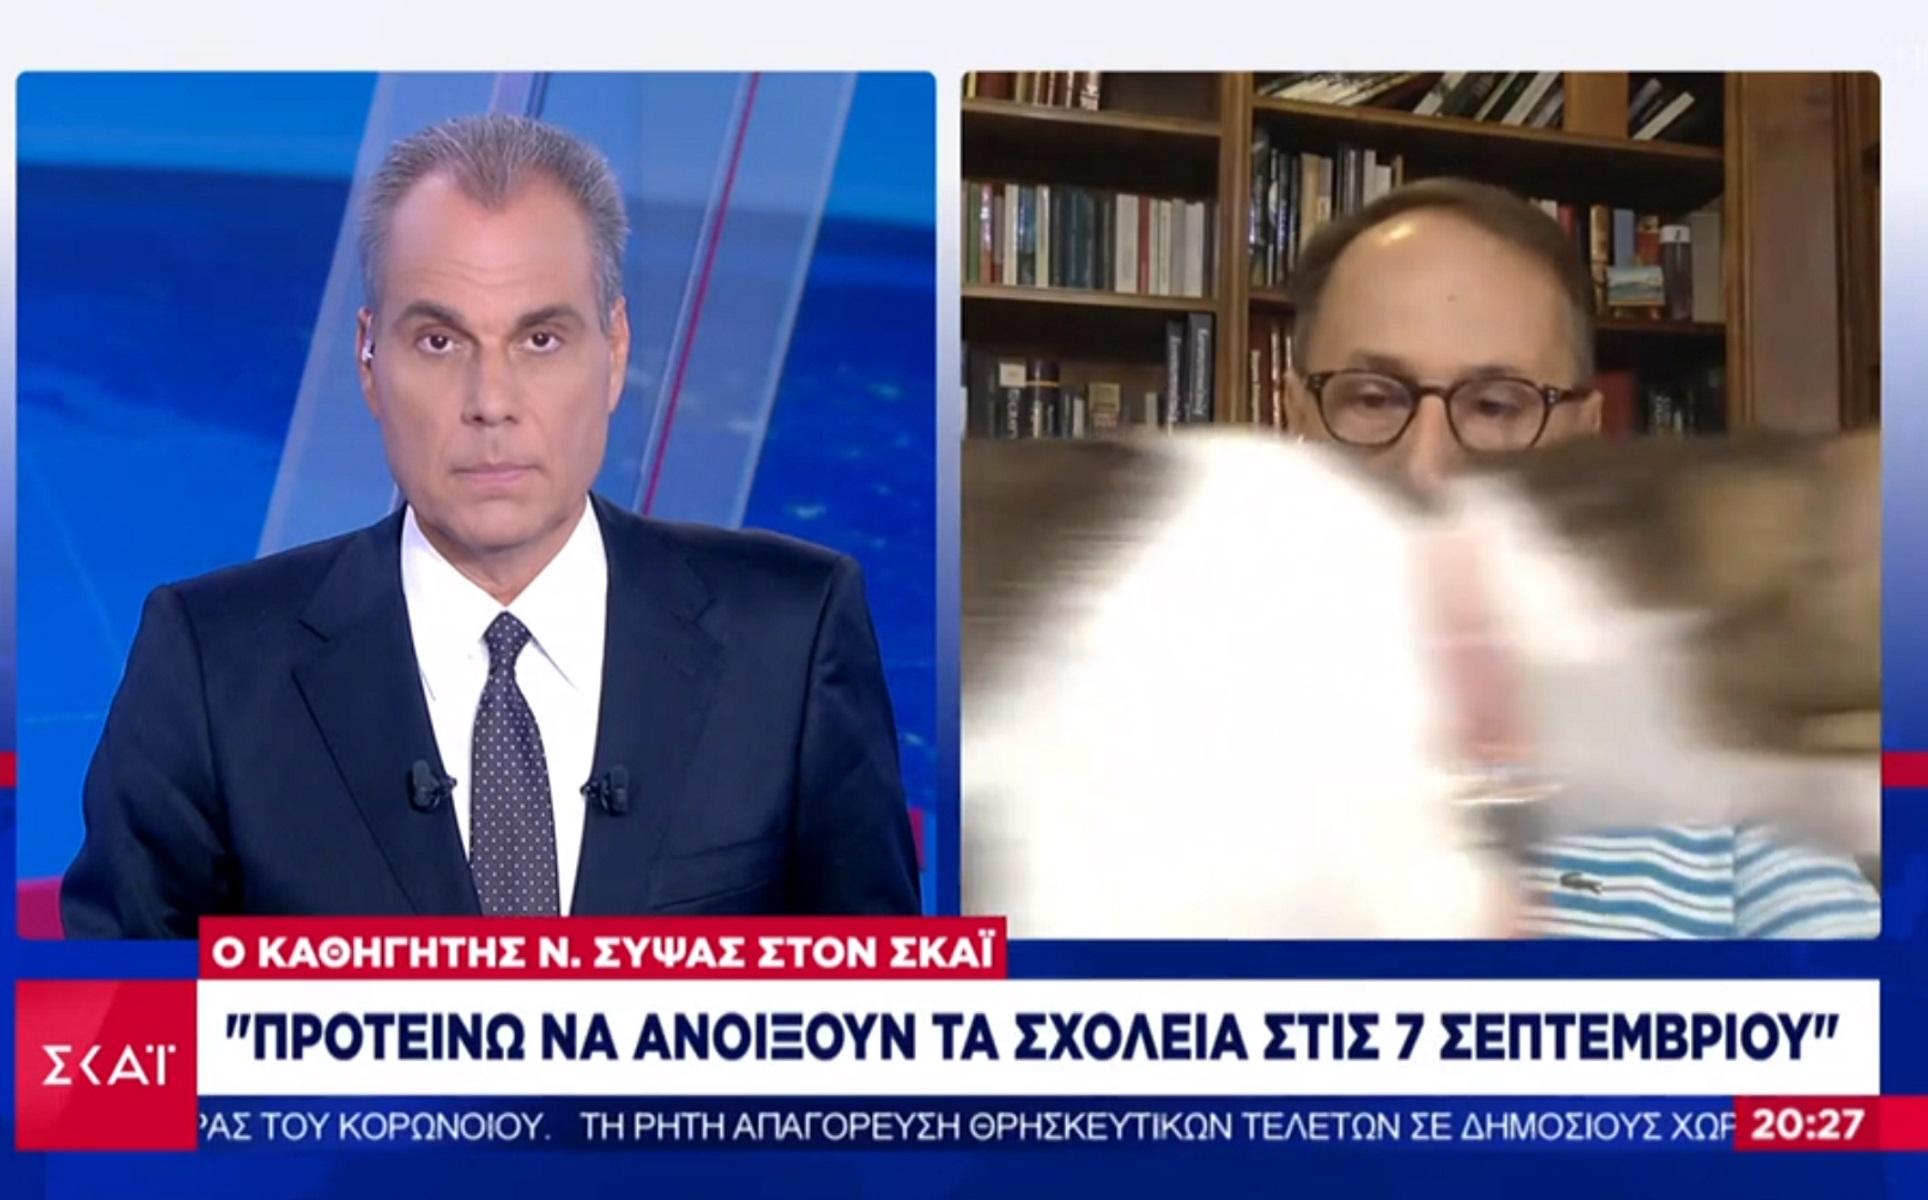 Ήθελε… δημοσιότητα η γάτα του καθηγητή Σύψα! Παρενέβη στη συνέντευξή του!